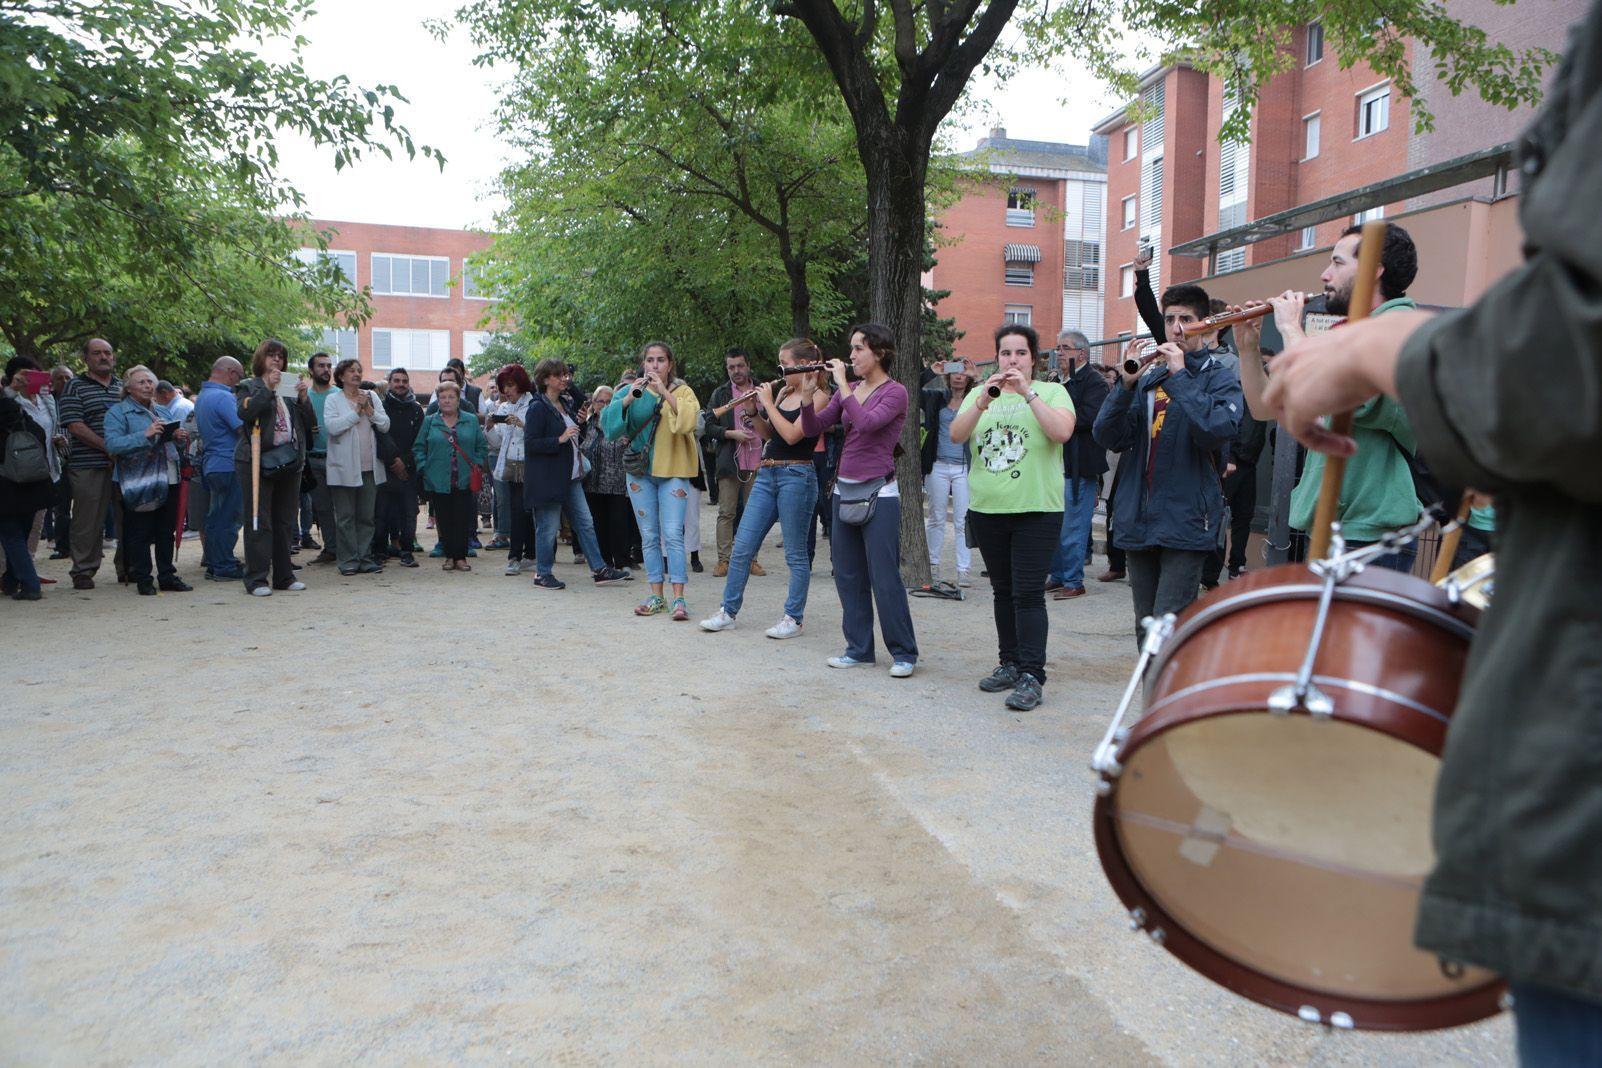 Musica i celebració durant la jornada de la votació. Foto: Artur Rivera